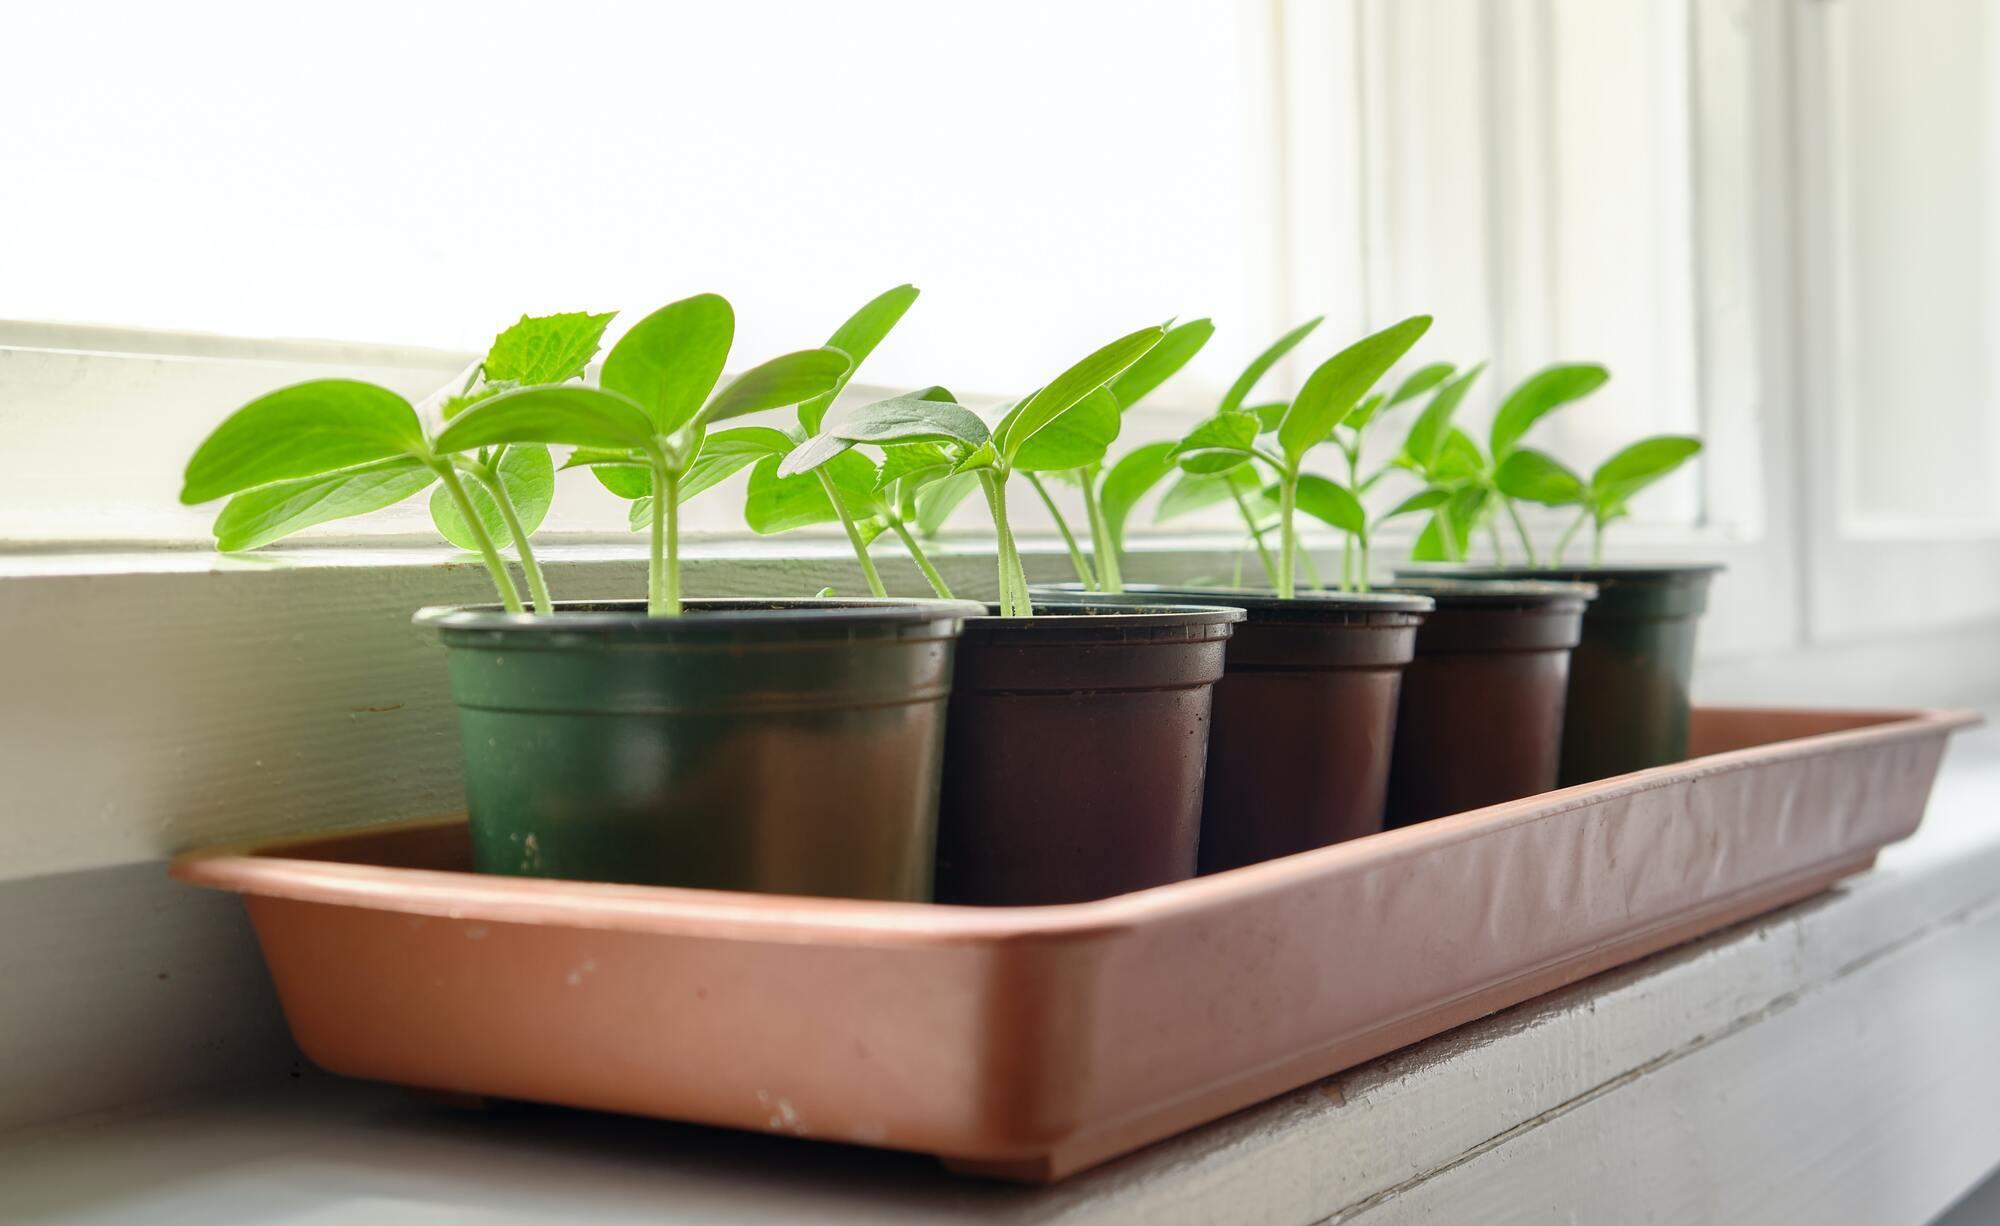 2 июня люди обычно занимаются высаживанием овощей